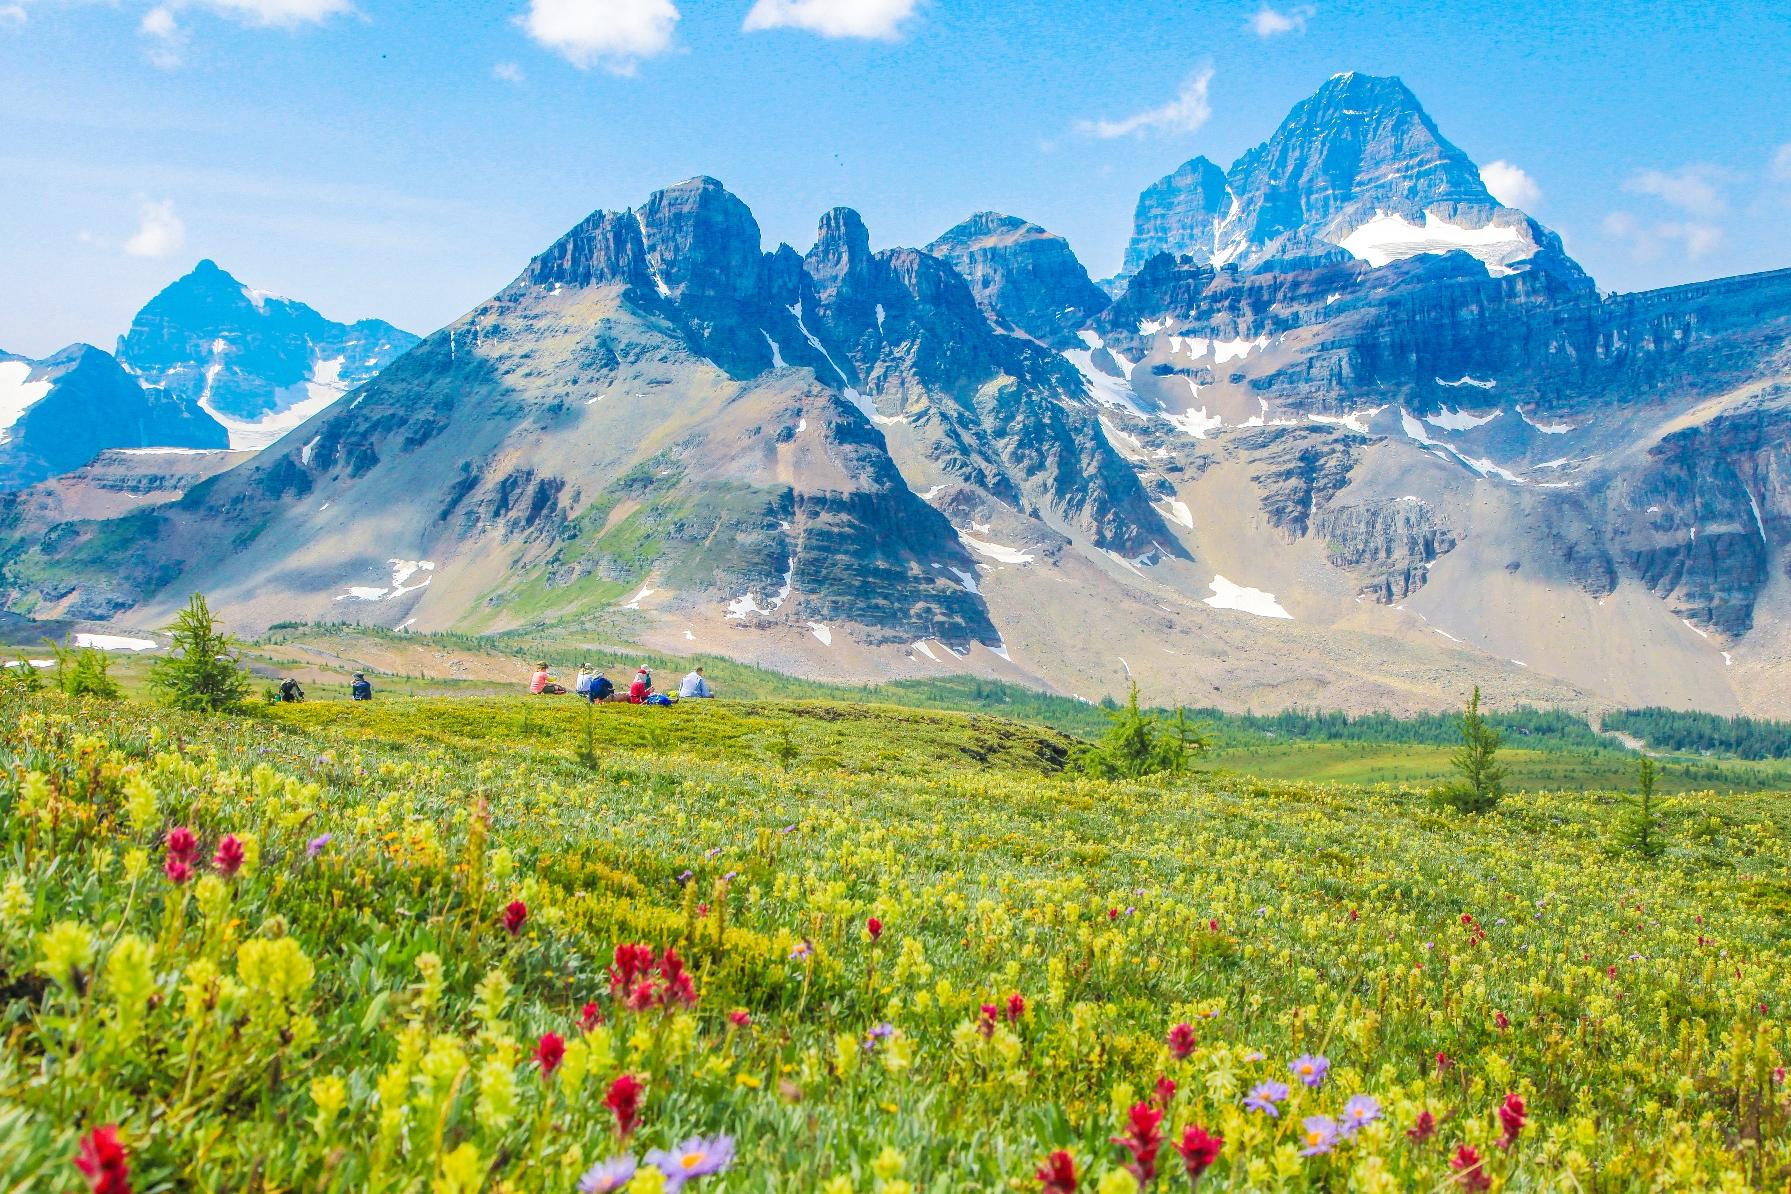 インディアン・ペイントブラシの花が咲くアシニボイン・メドウにて(7月中旬)